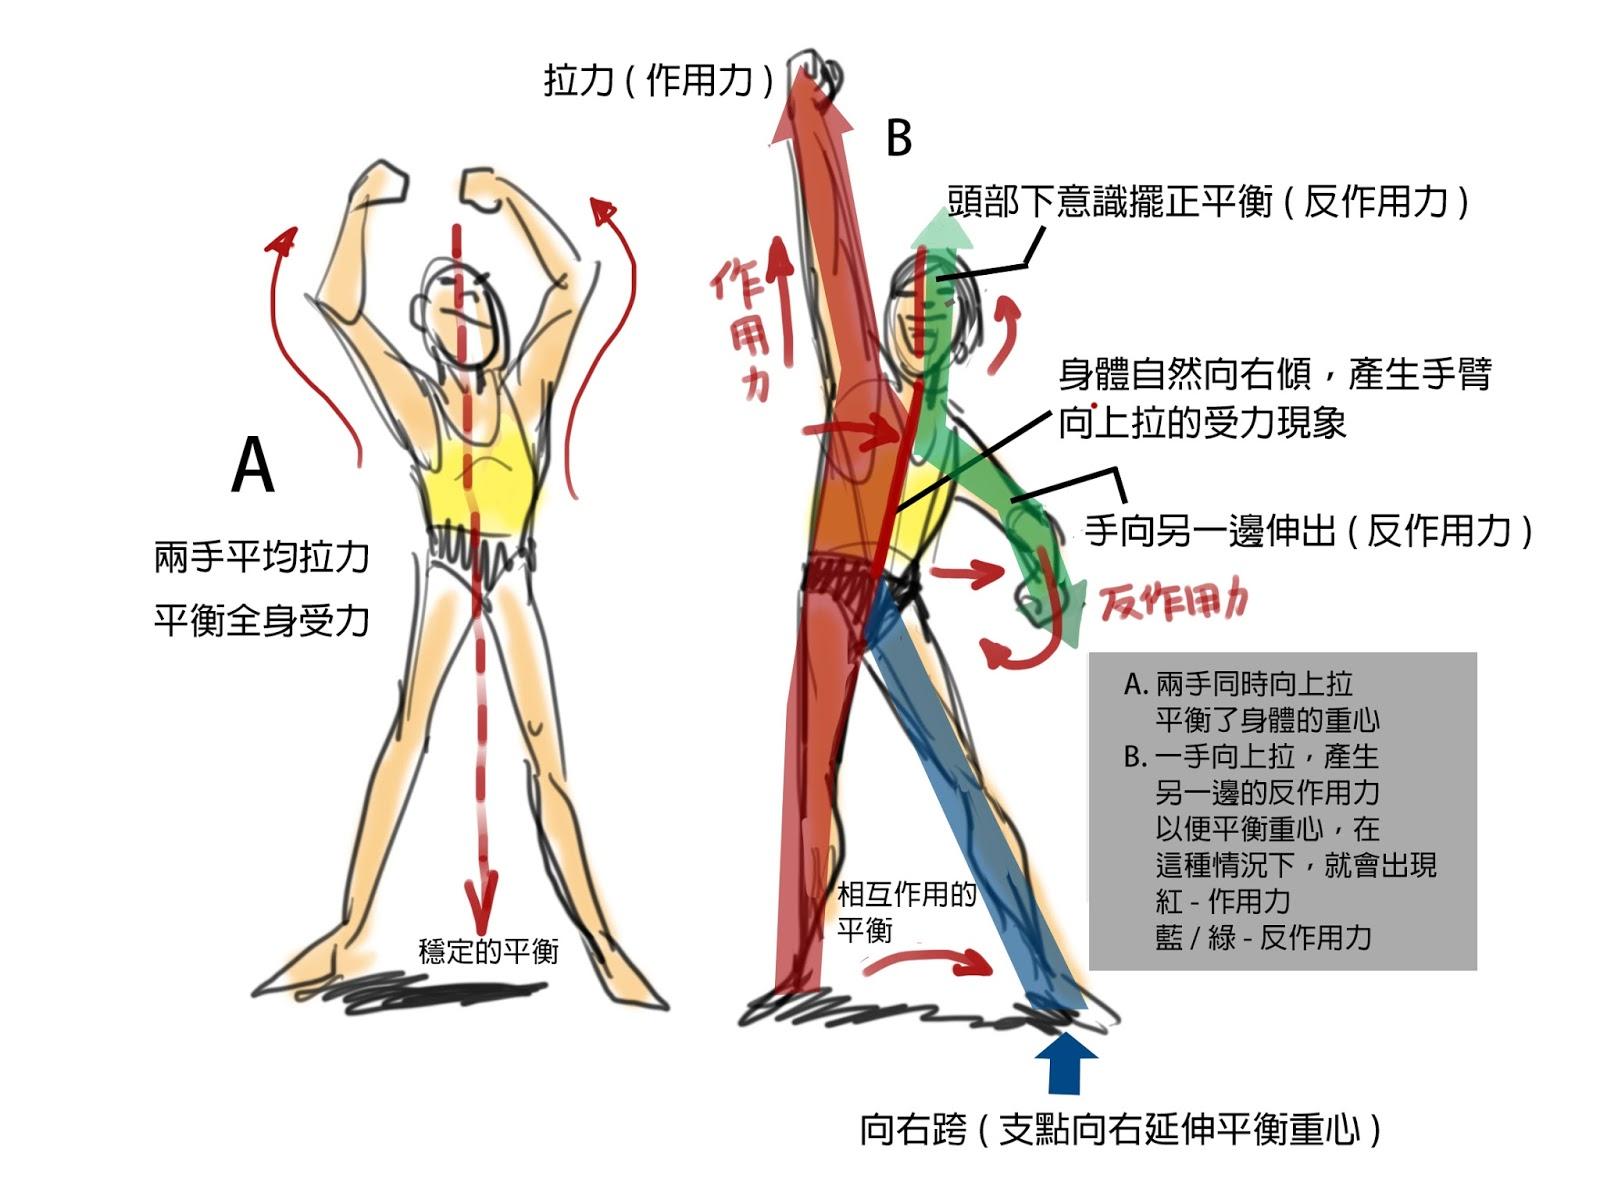 動畫聖堂: 人體力學-張力與受力